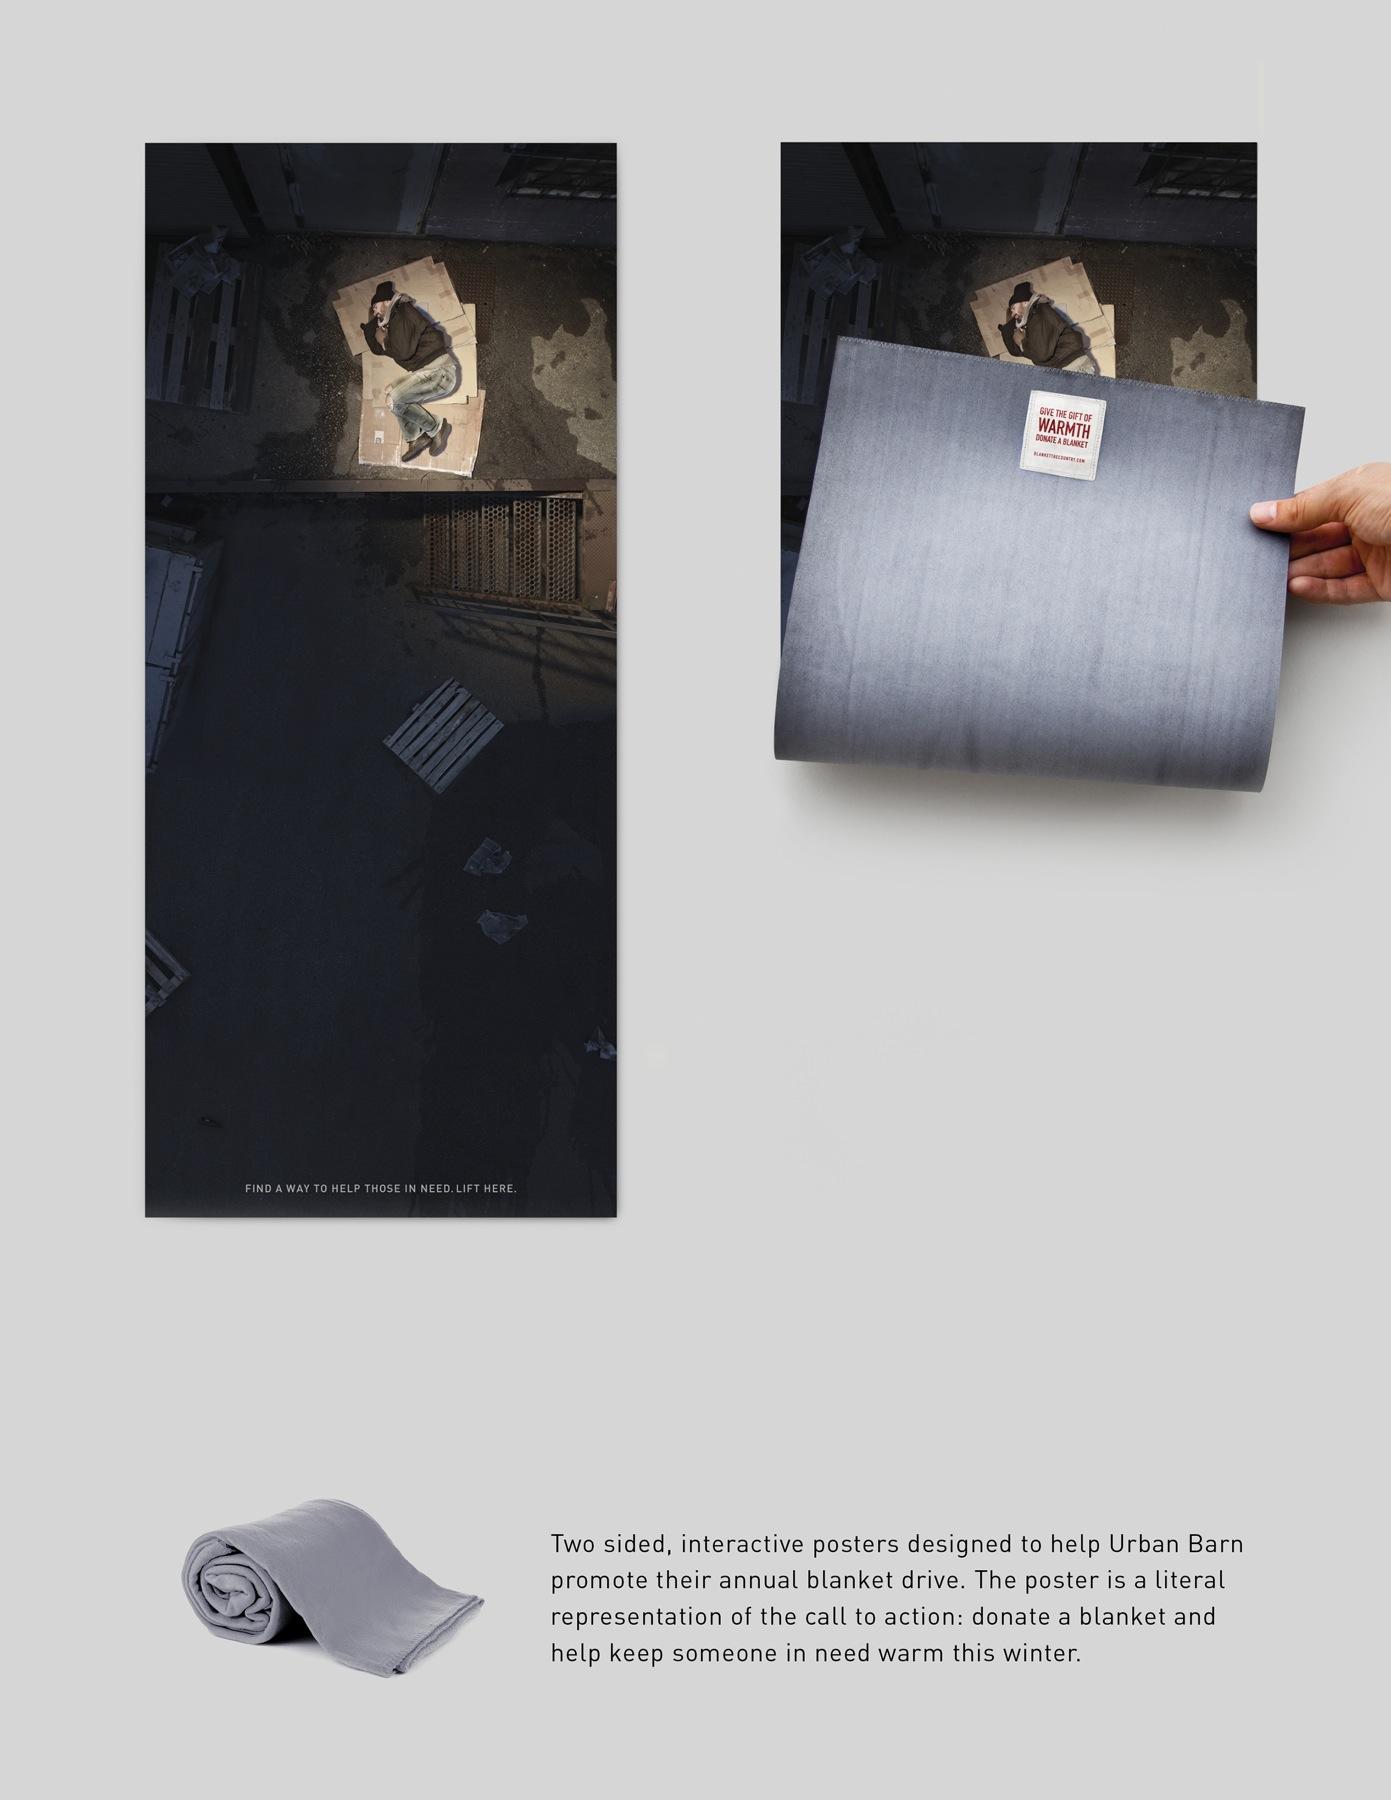 spr3047_ub_blanket_posters_aotw.jpg